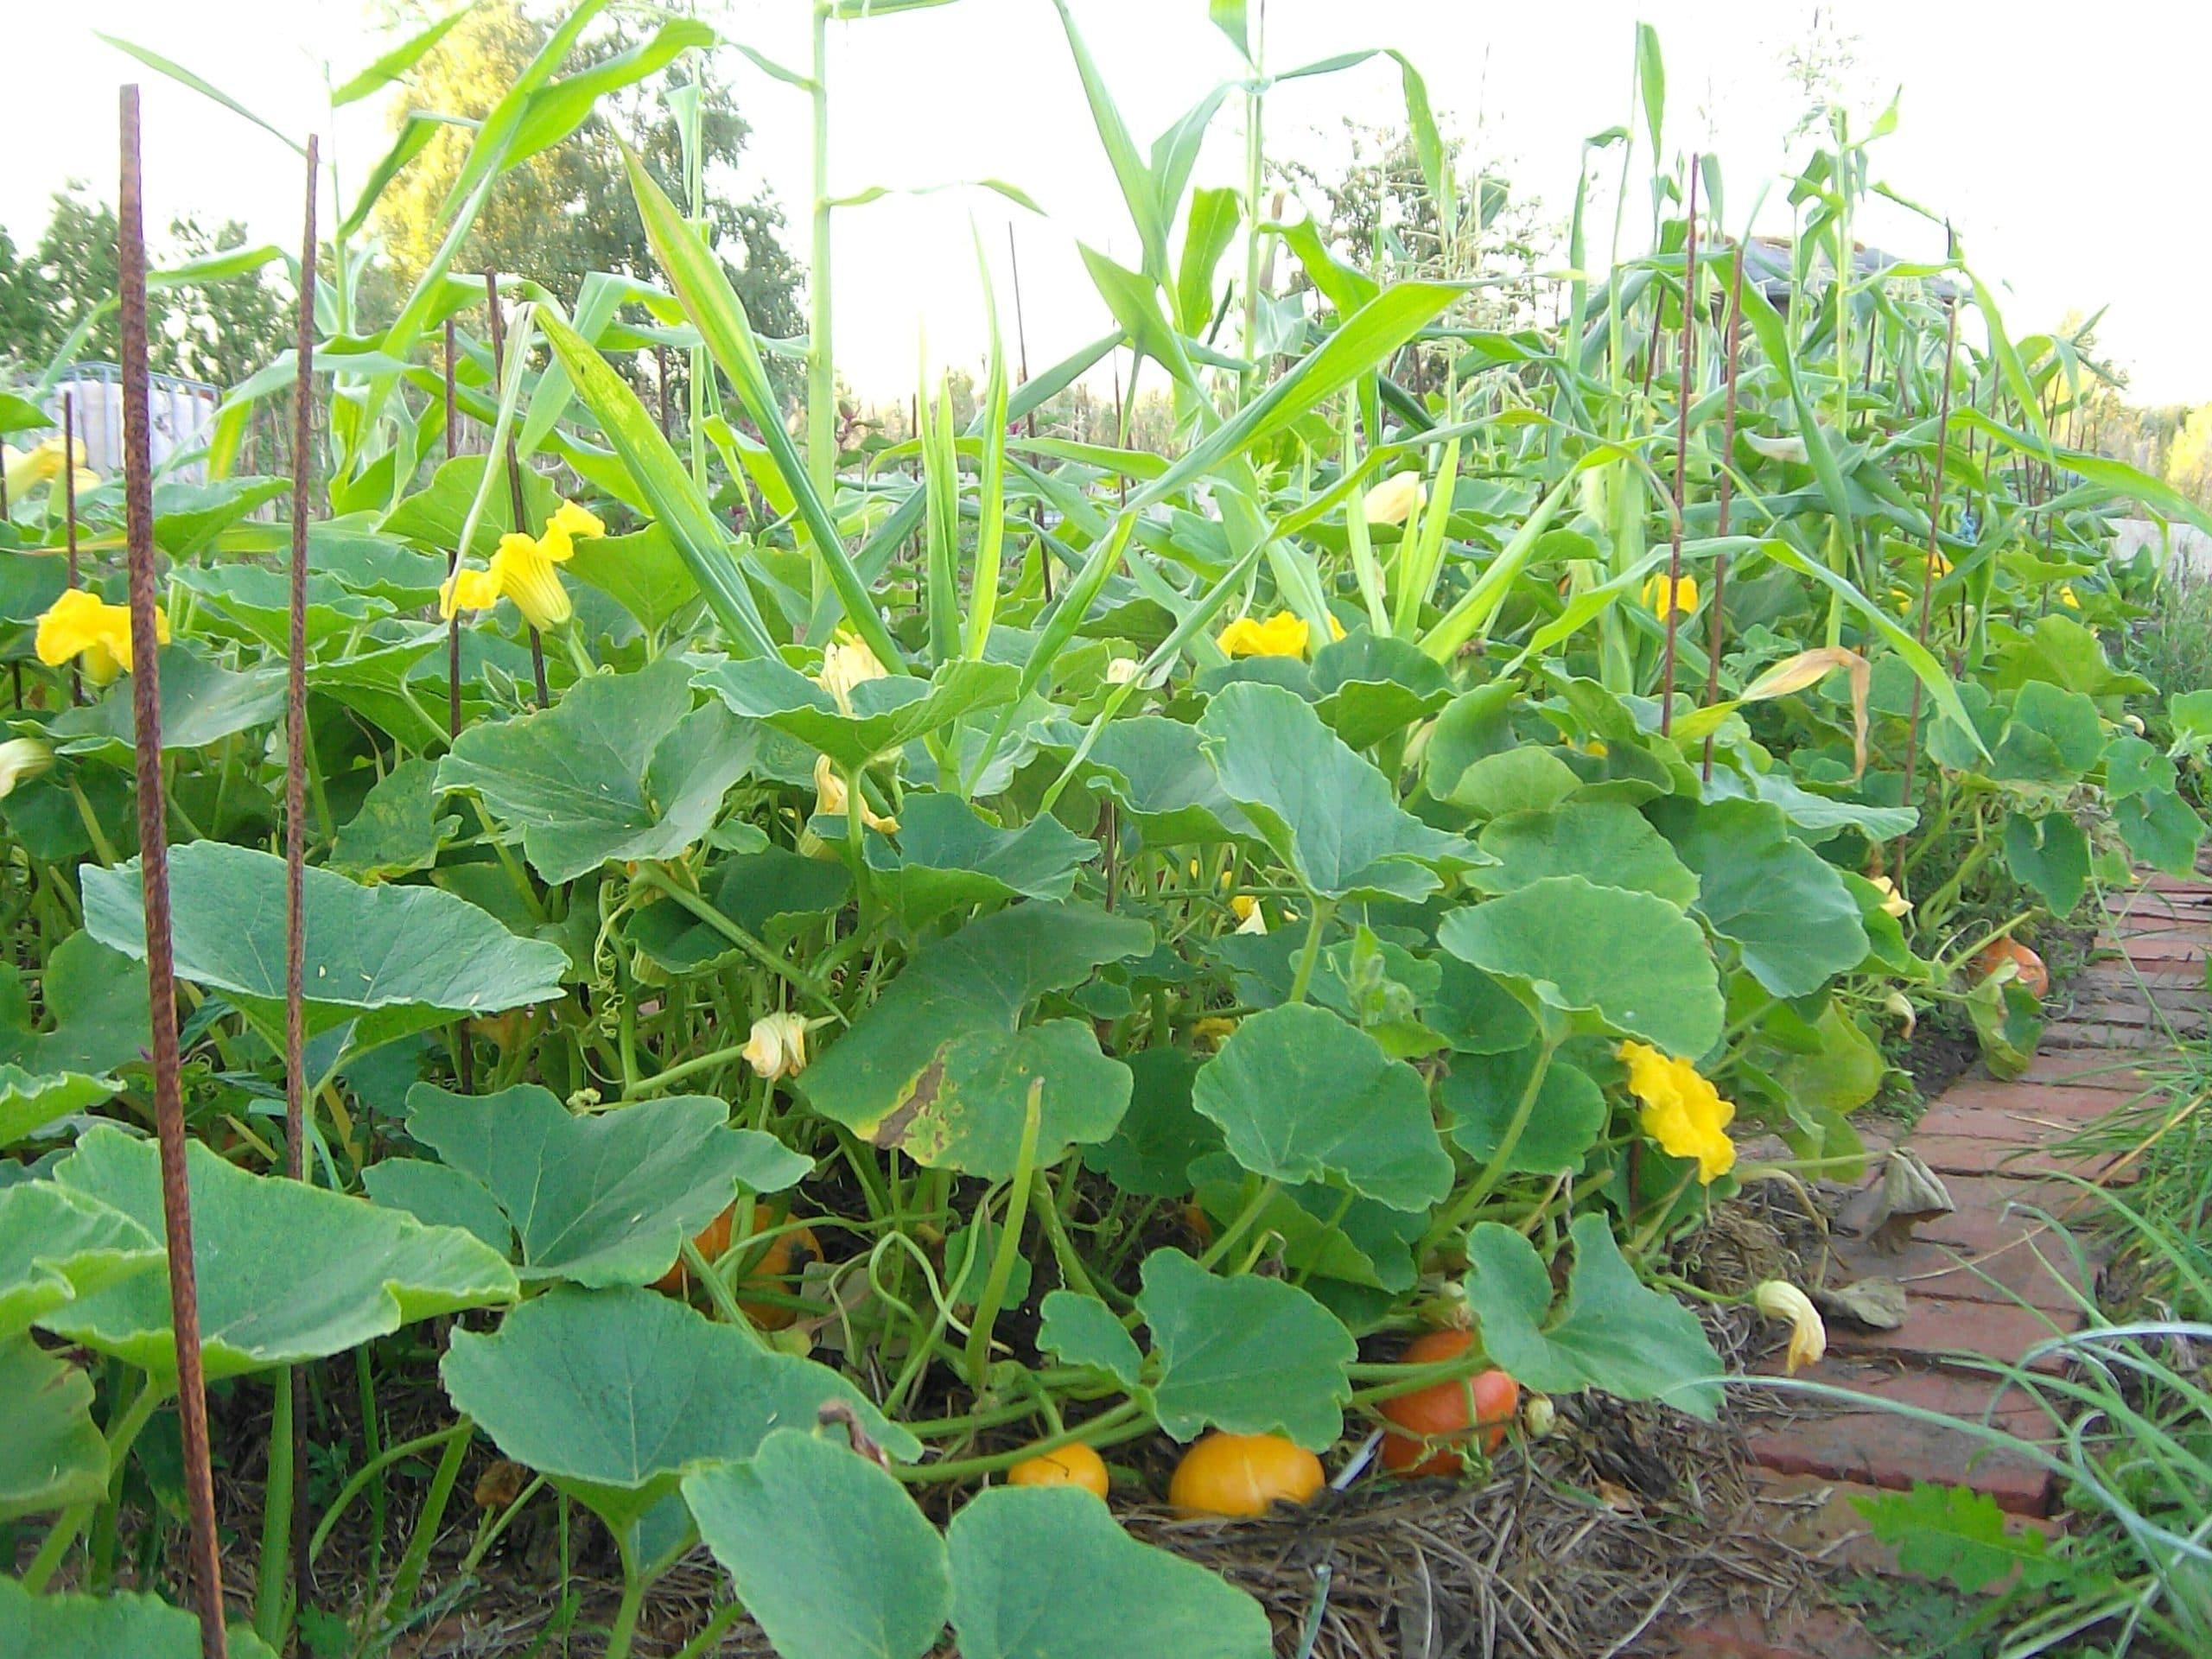 Asociaci n de cultivos en el huerto la huertina de toni for Asociacion cultivos huerto urbano